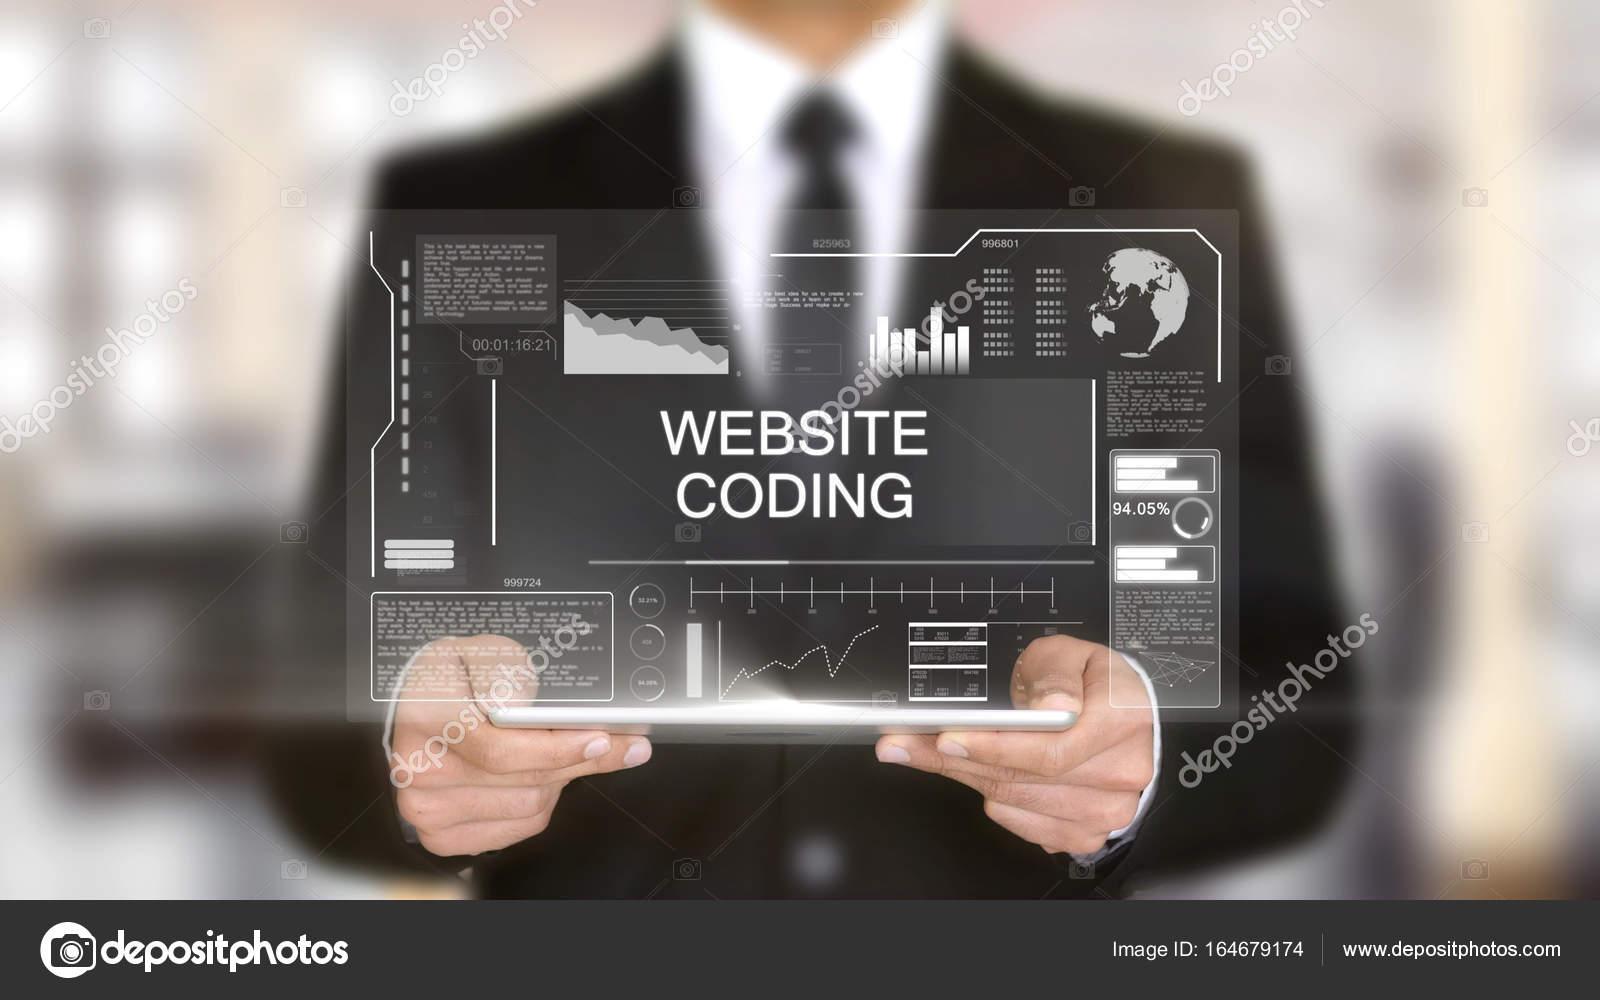 c5fbd044105d Website Coding